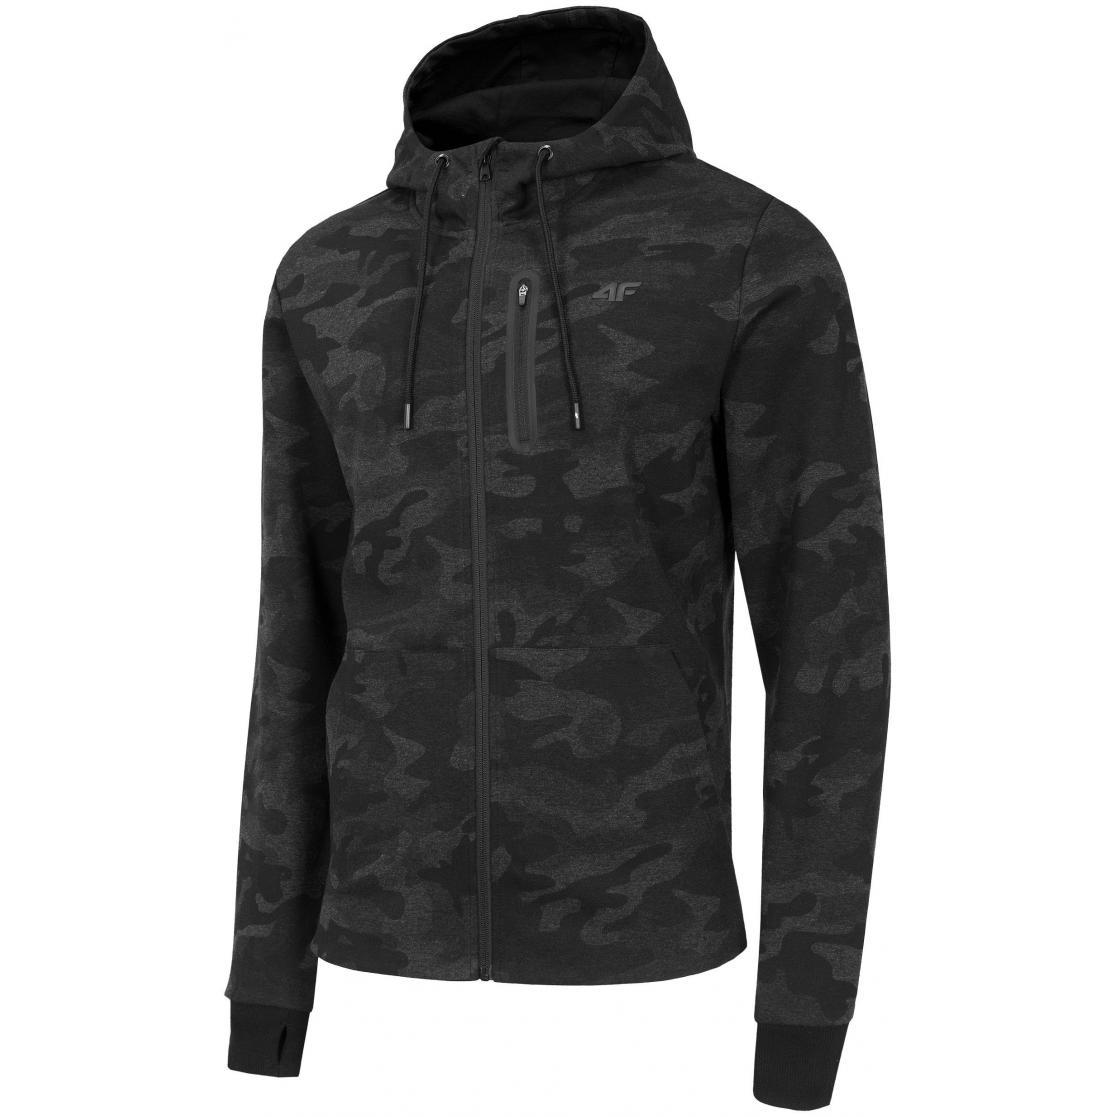 Bluza męska 4F H4Z19-BLM072 20A czarna